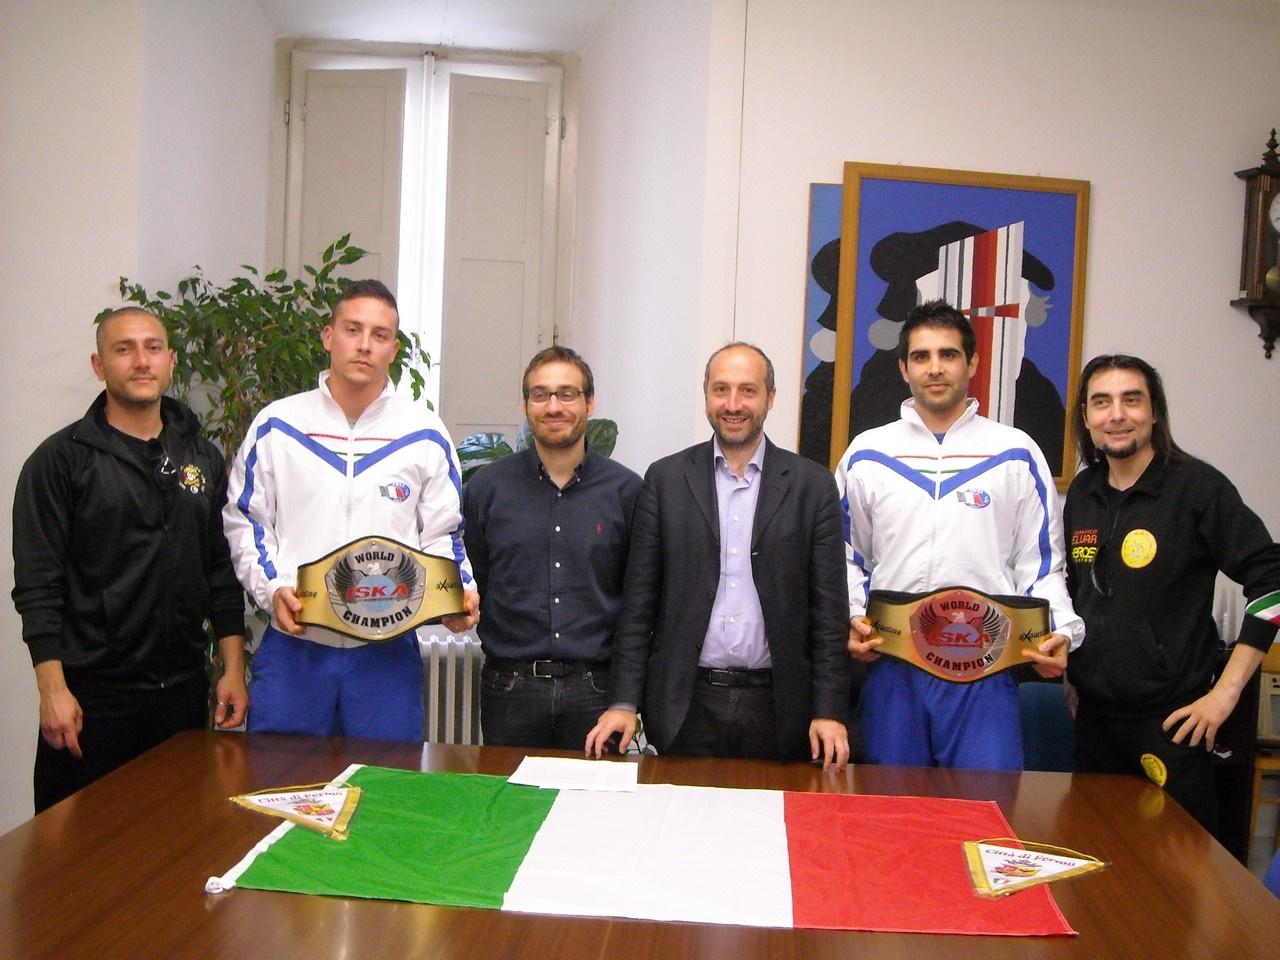 Bottoni (a sx) e Donnari (a dx) con il loro staff atletico ricevuti dal sindaco Calcinaro e dall'Assessore Scarfini